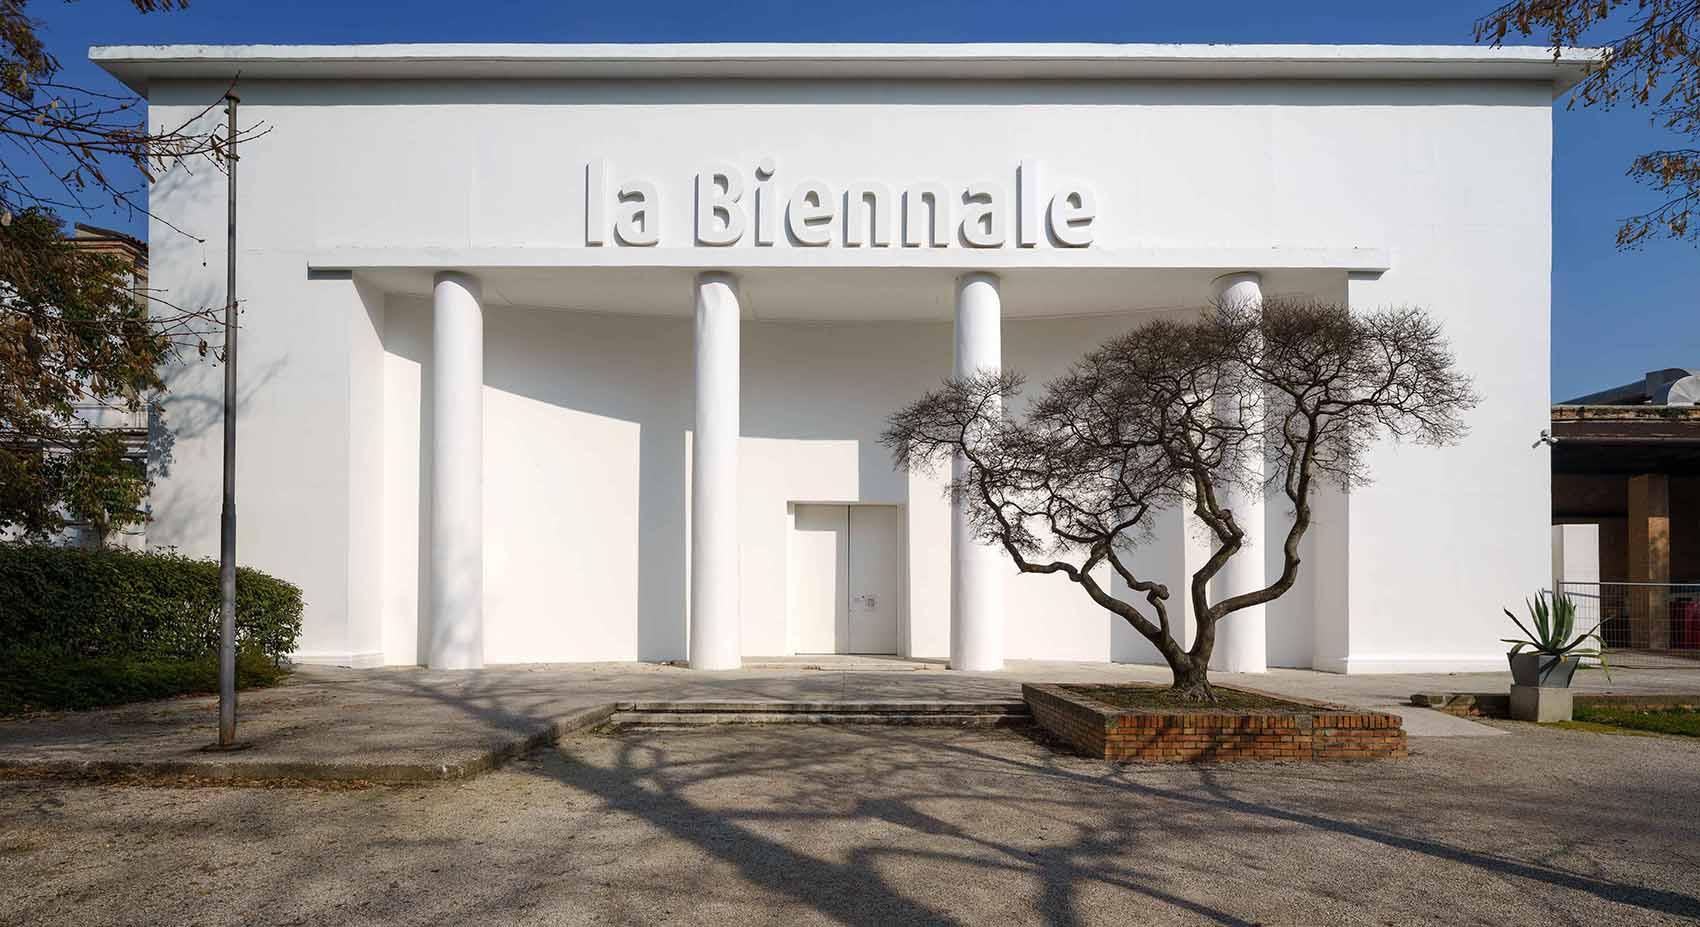 Biennale Architettura 2021 apre il 22 maggio a Venezia